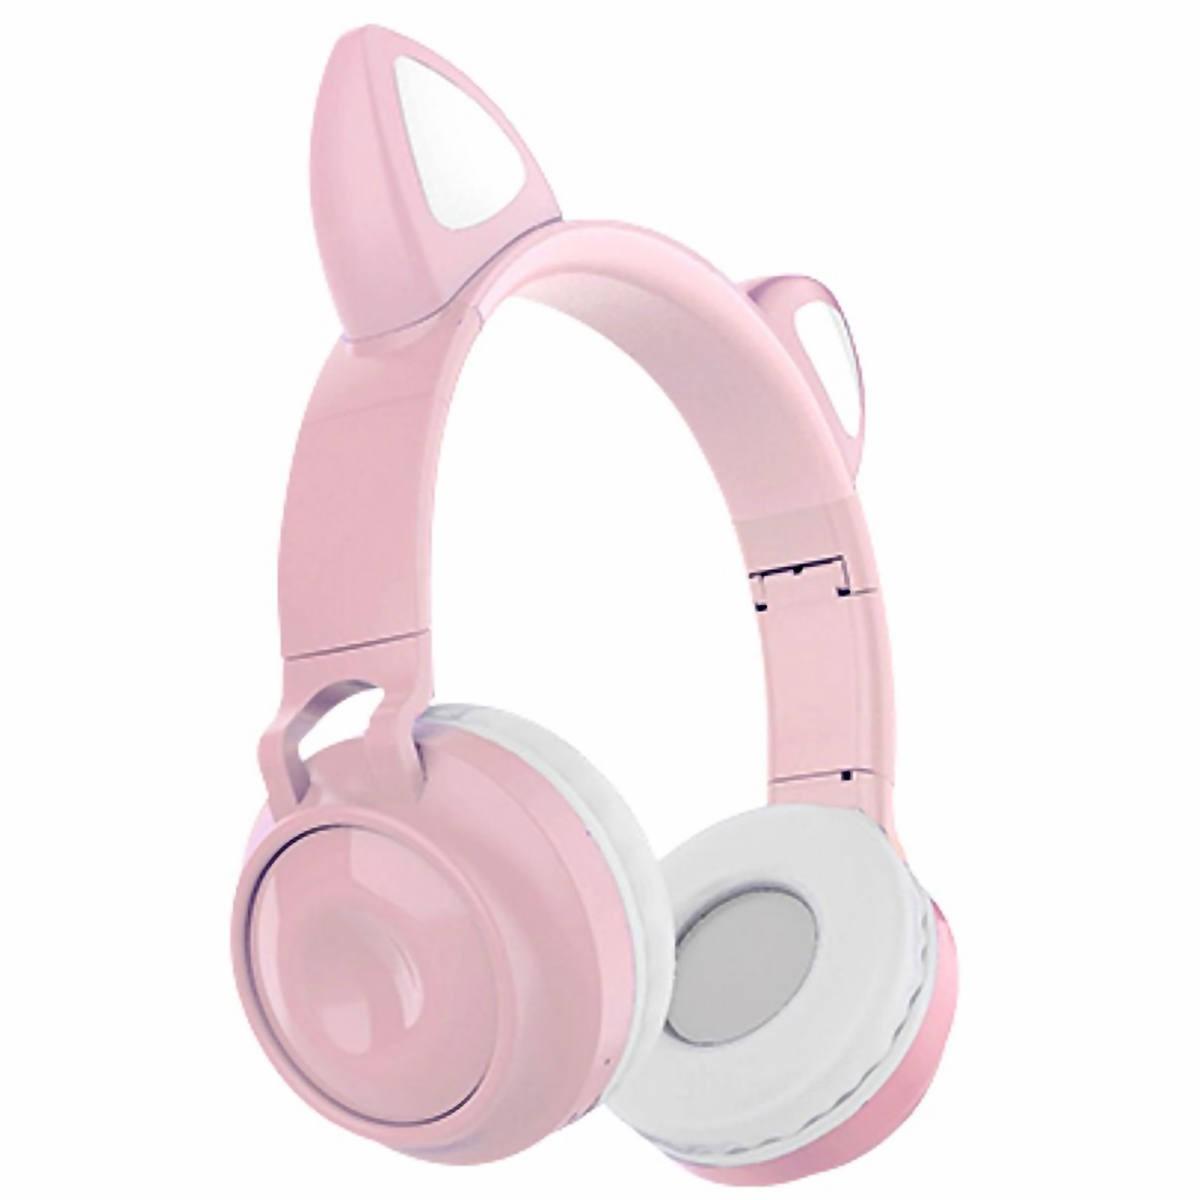 Headphone Gatinho com Bluetooth 5.0 Dobrável Iluminação LED em 8 Cores Microfone Embutido HF-C290BT Rosa